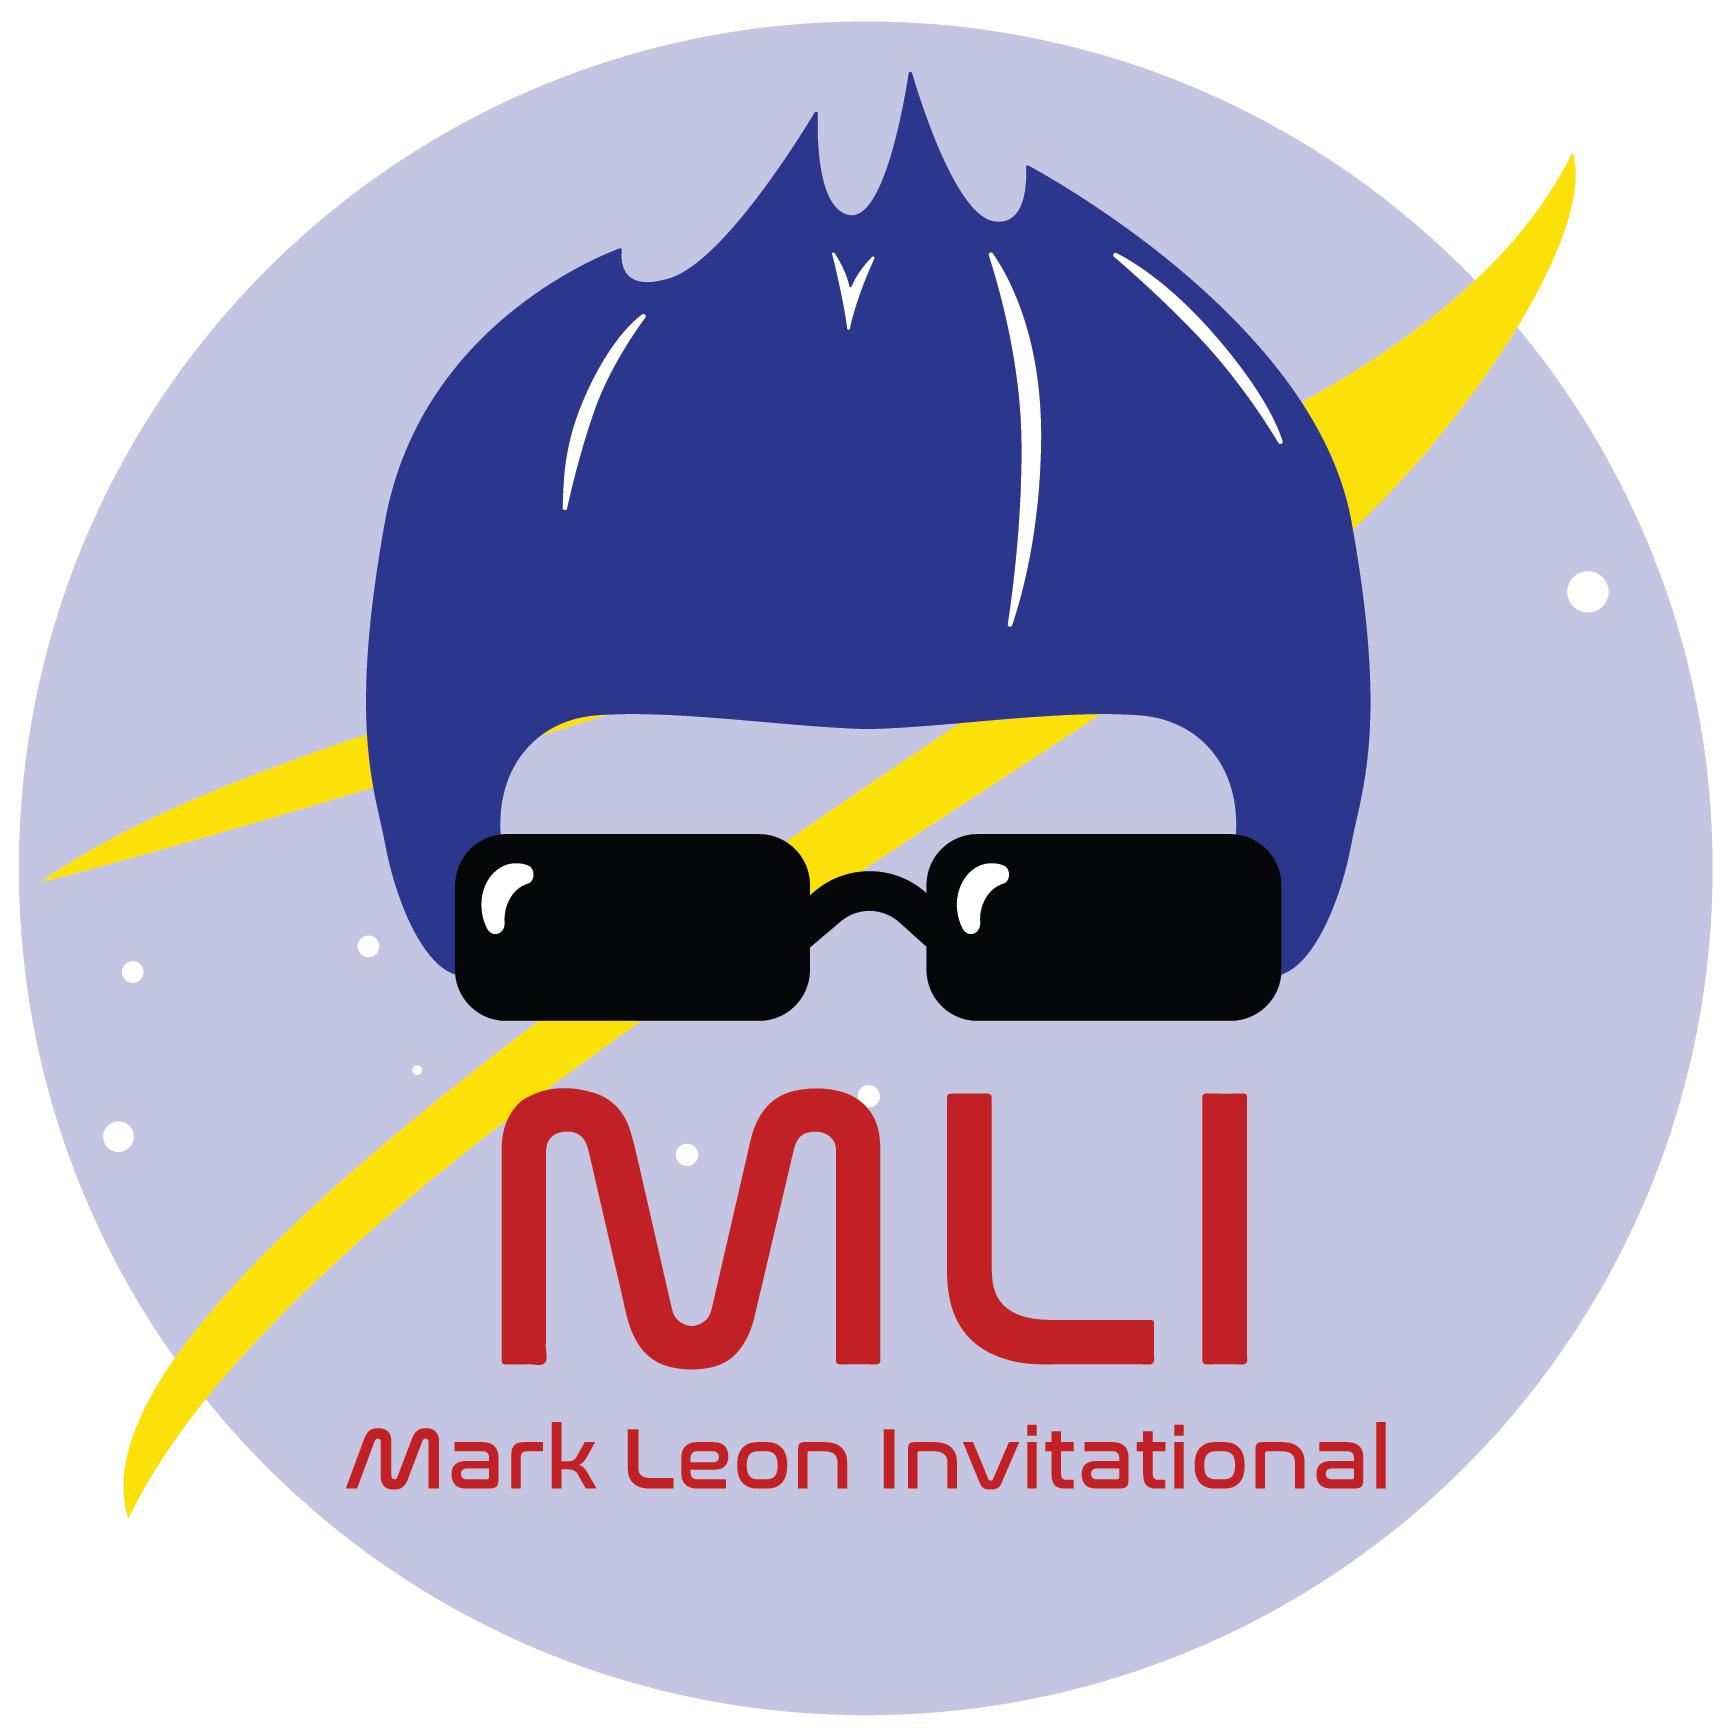 2019 VEX VRC Signature Event: Mark Leon Invitational